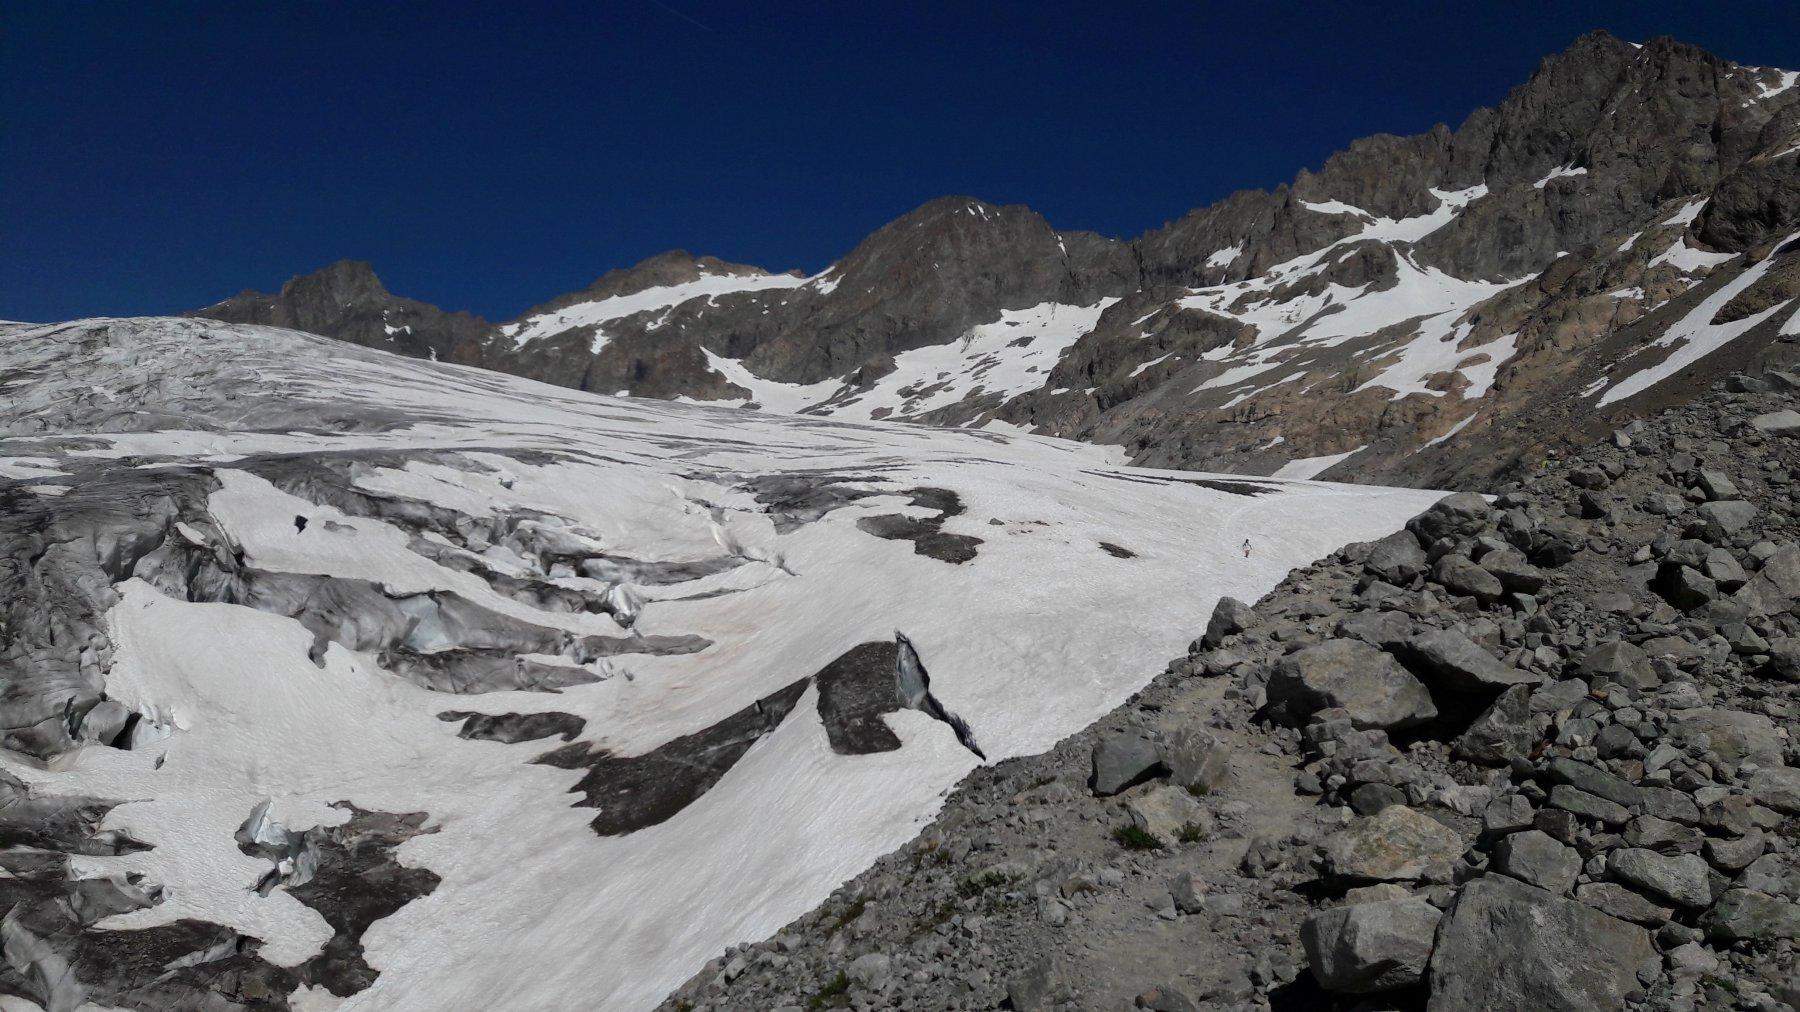 vista della situazione del ghiacciaio appena tolti gli sci ed iniziato la discesa sul sentiero estivo